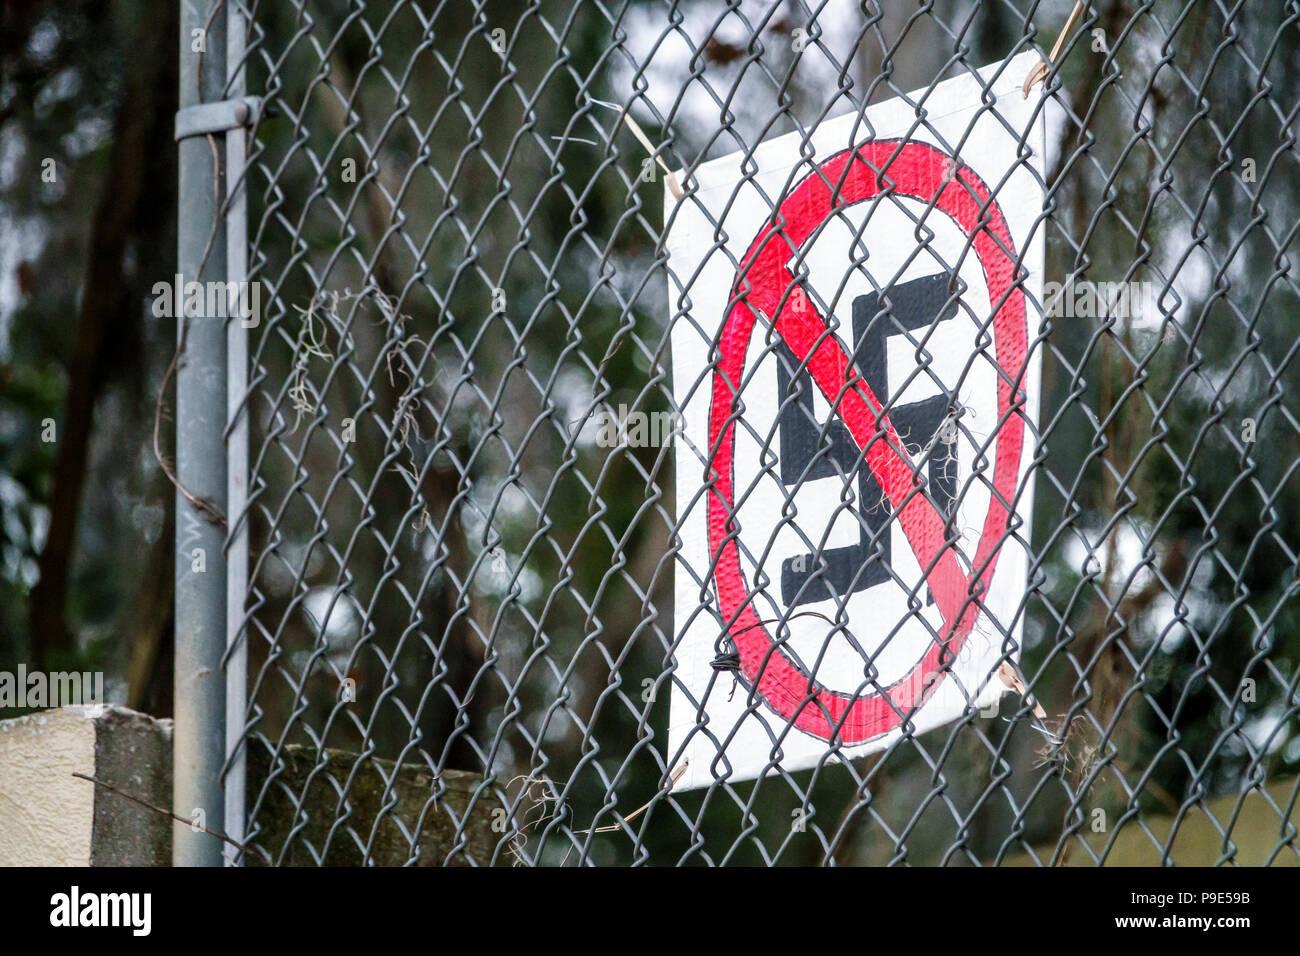 Florida Gainesville anti-nazista segno Hakenkreuz swastika odio simbolo di catena collegamento recinto Immagini Stock